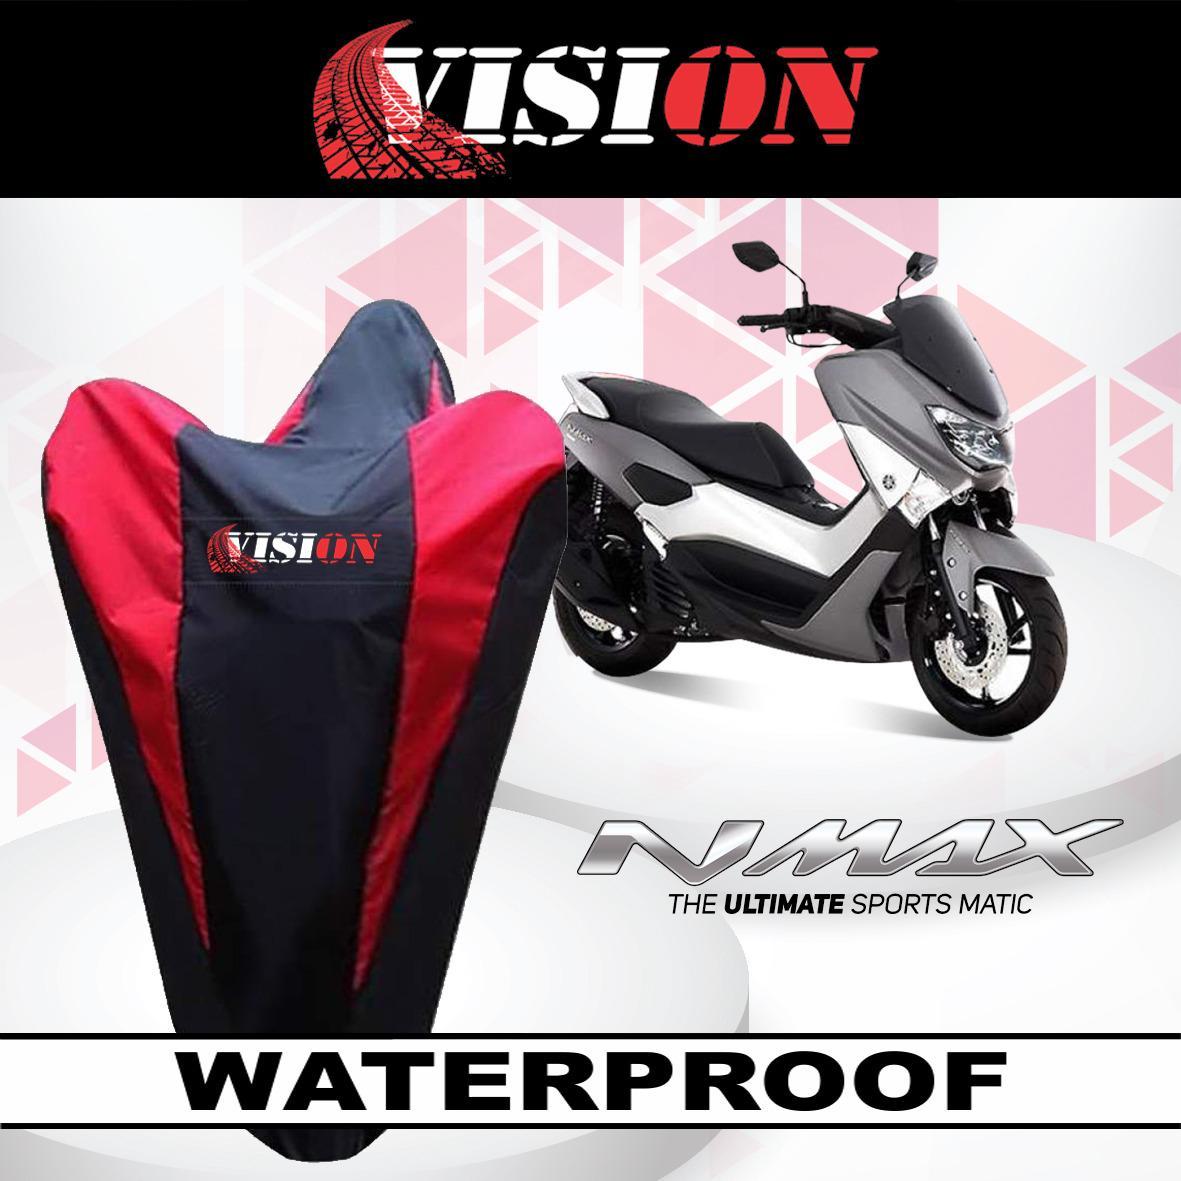 [ Bayar Di Tempat ] List Merah Sarung Bodi Motor Yamaha Nmax Anti Air Vision Cover Body Waterproof Penutup Selimut Pelindung By Cover Ban.